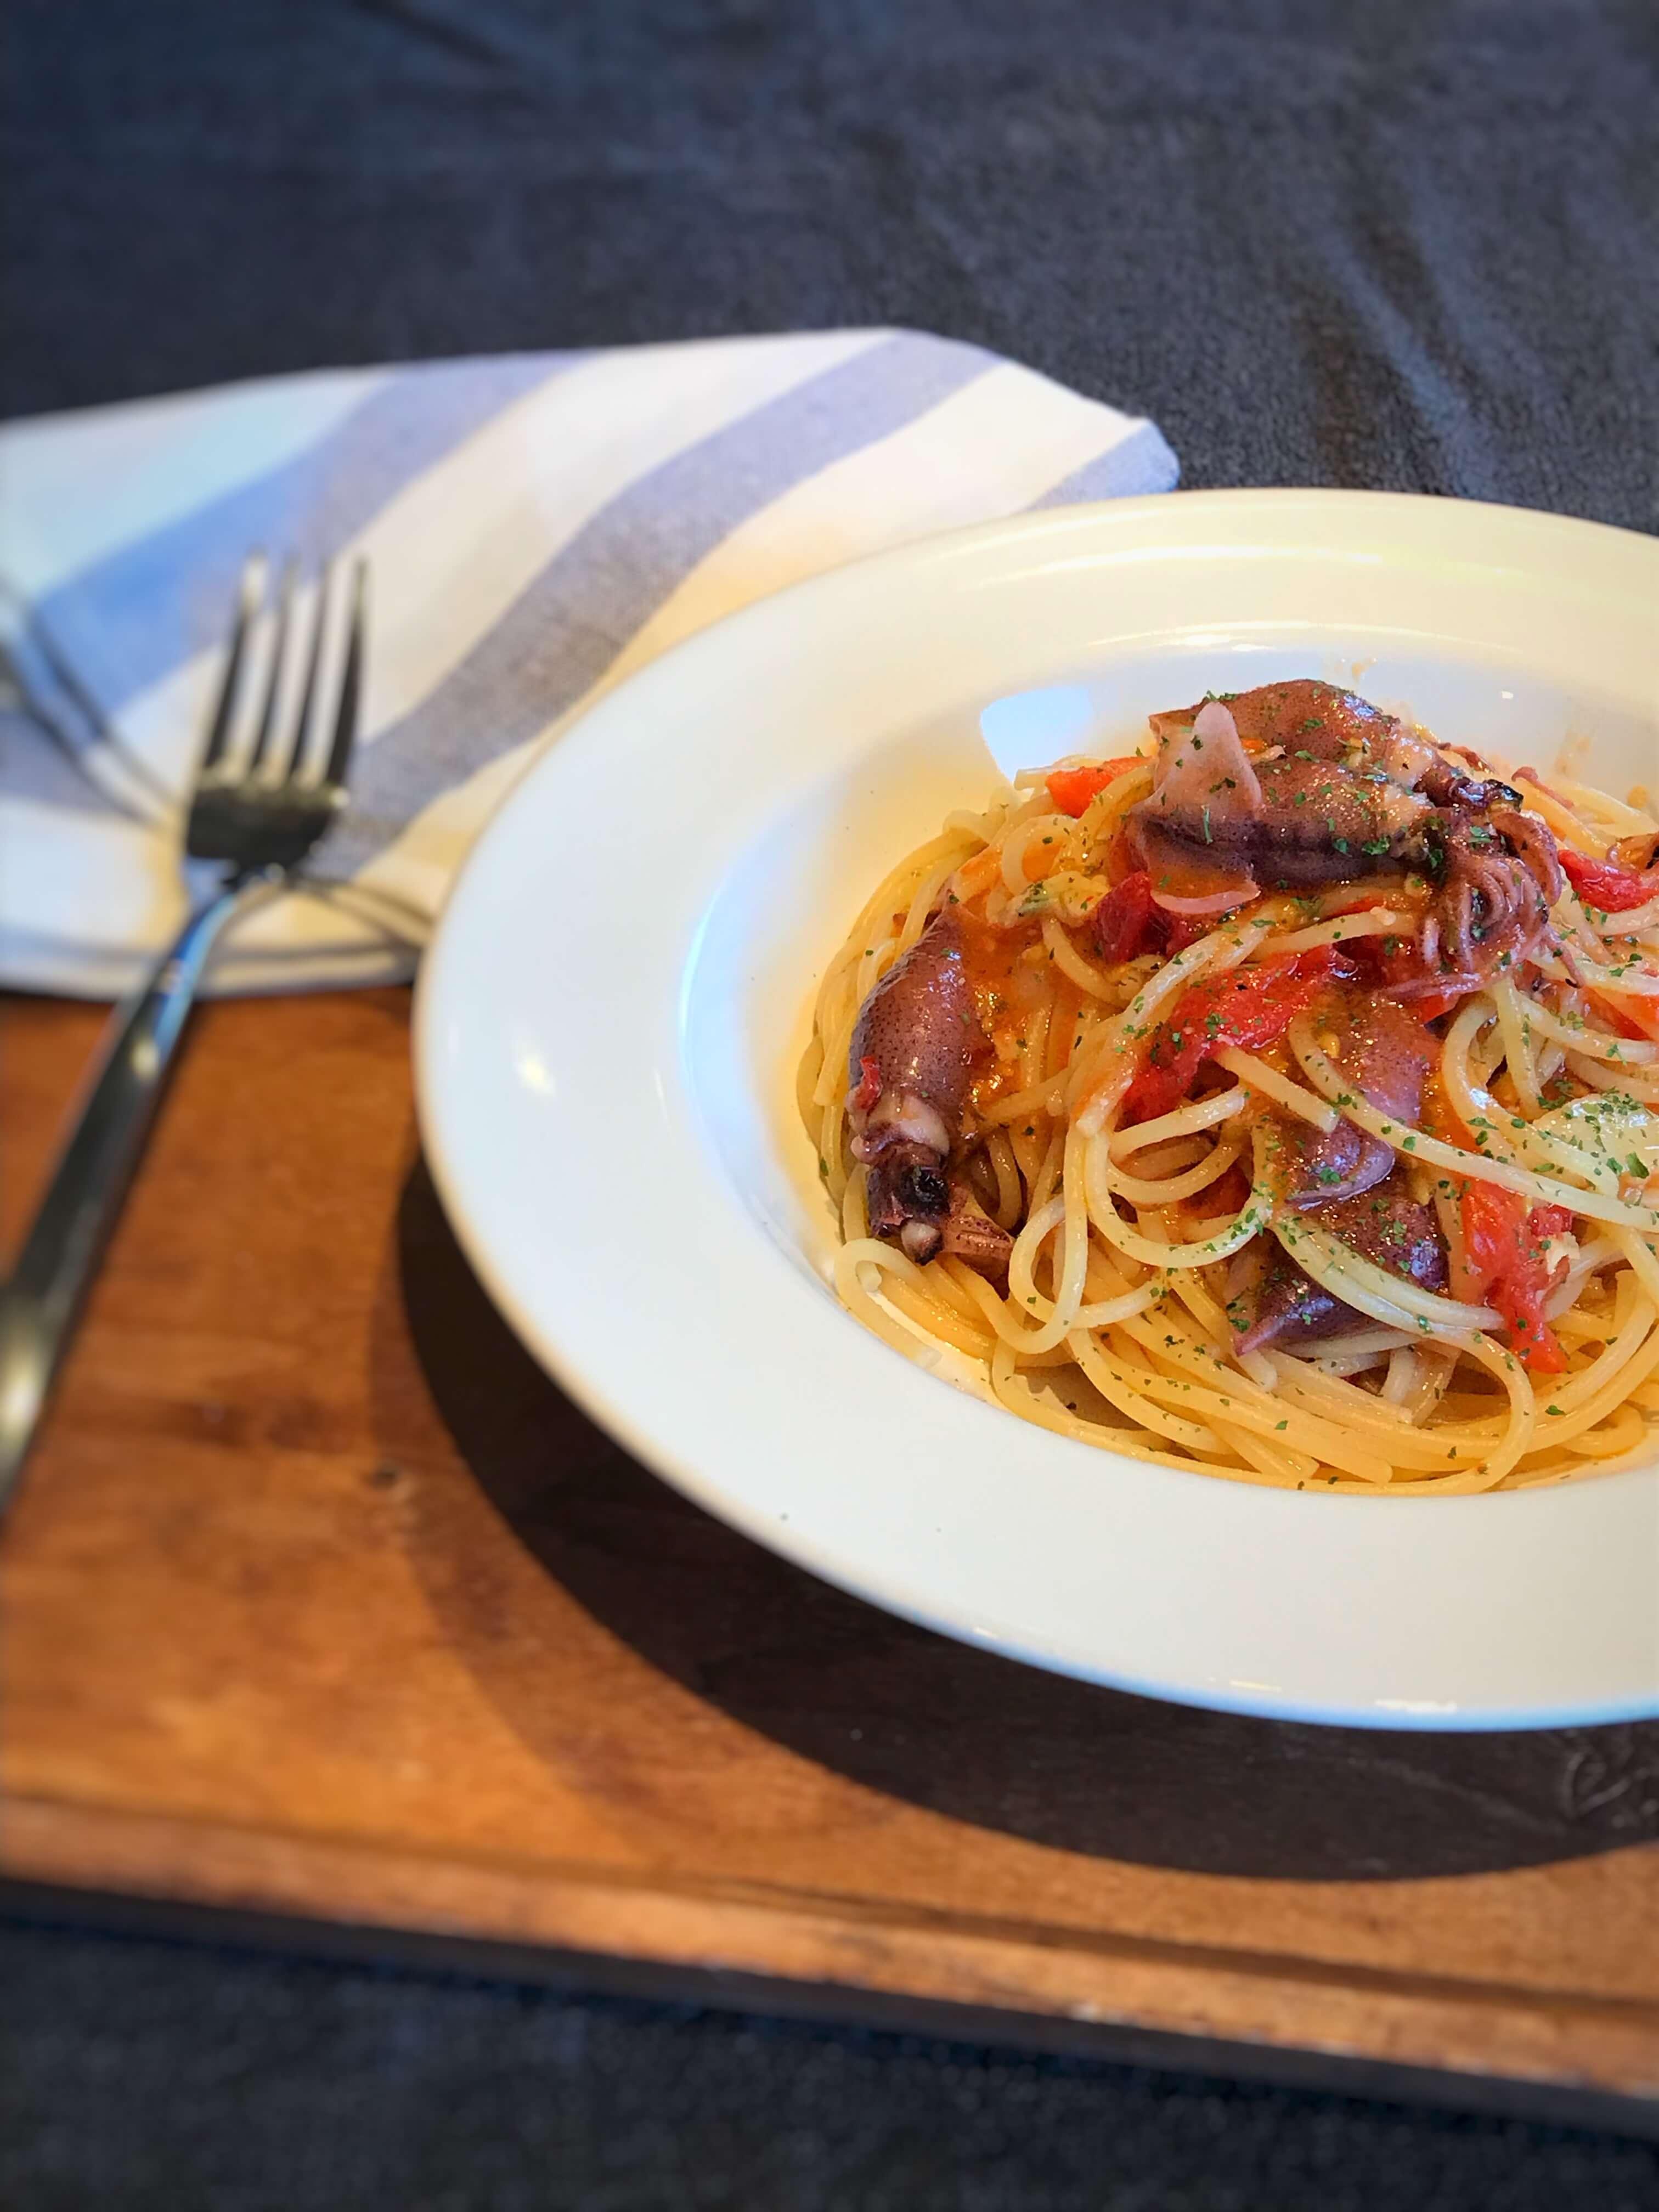 【本格的!】絶品!富山県産ホタルイカとトマトのパスタのレシピ